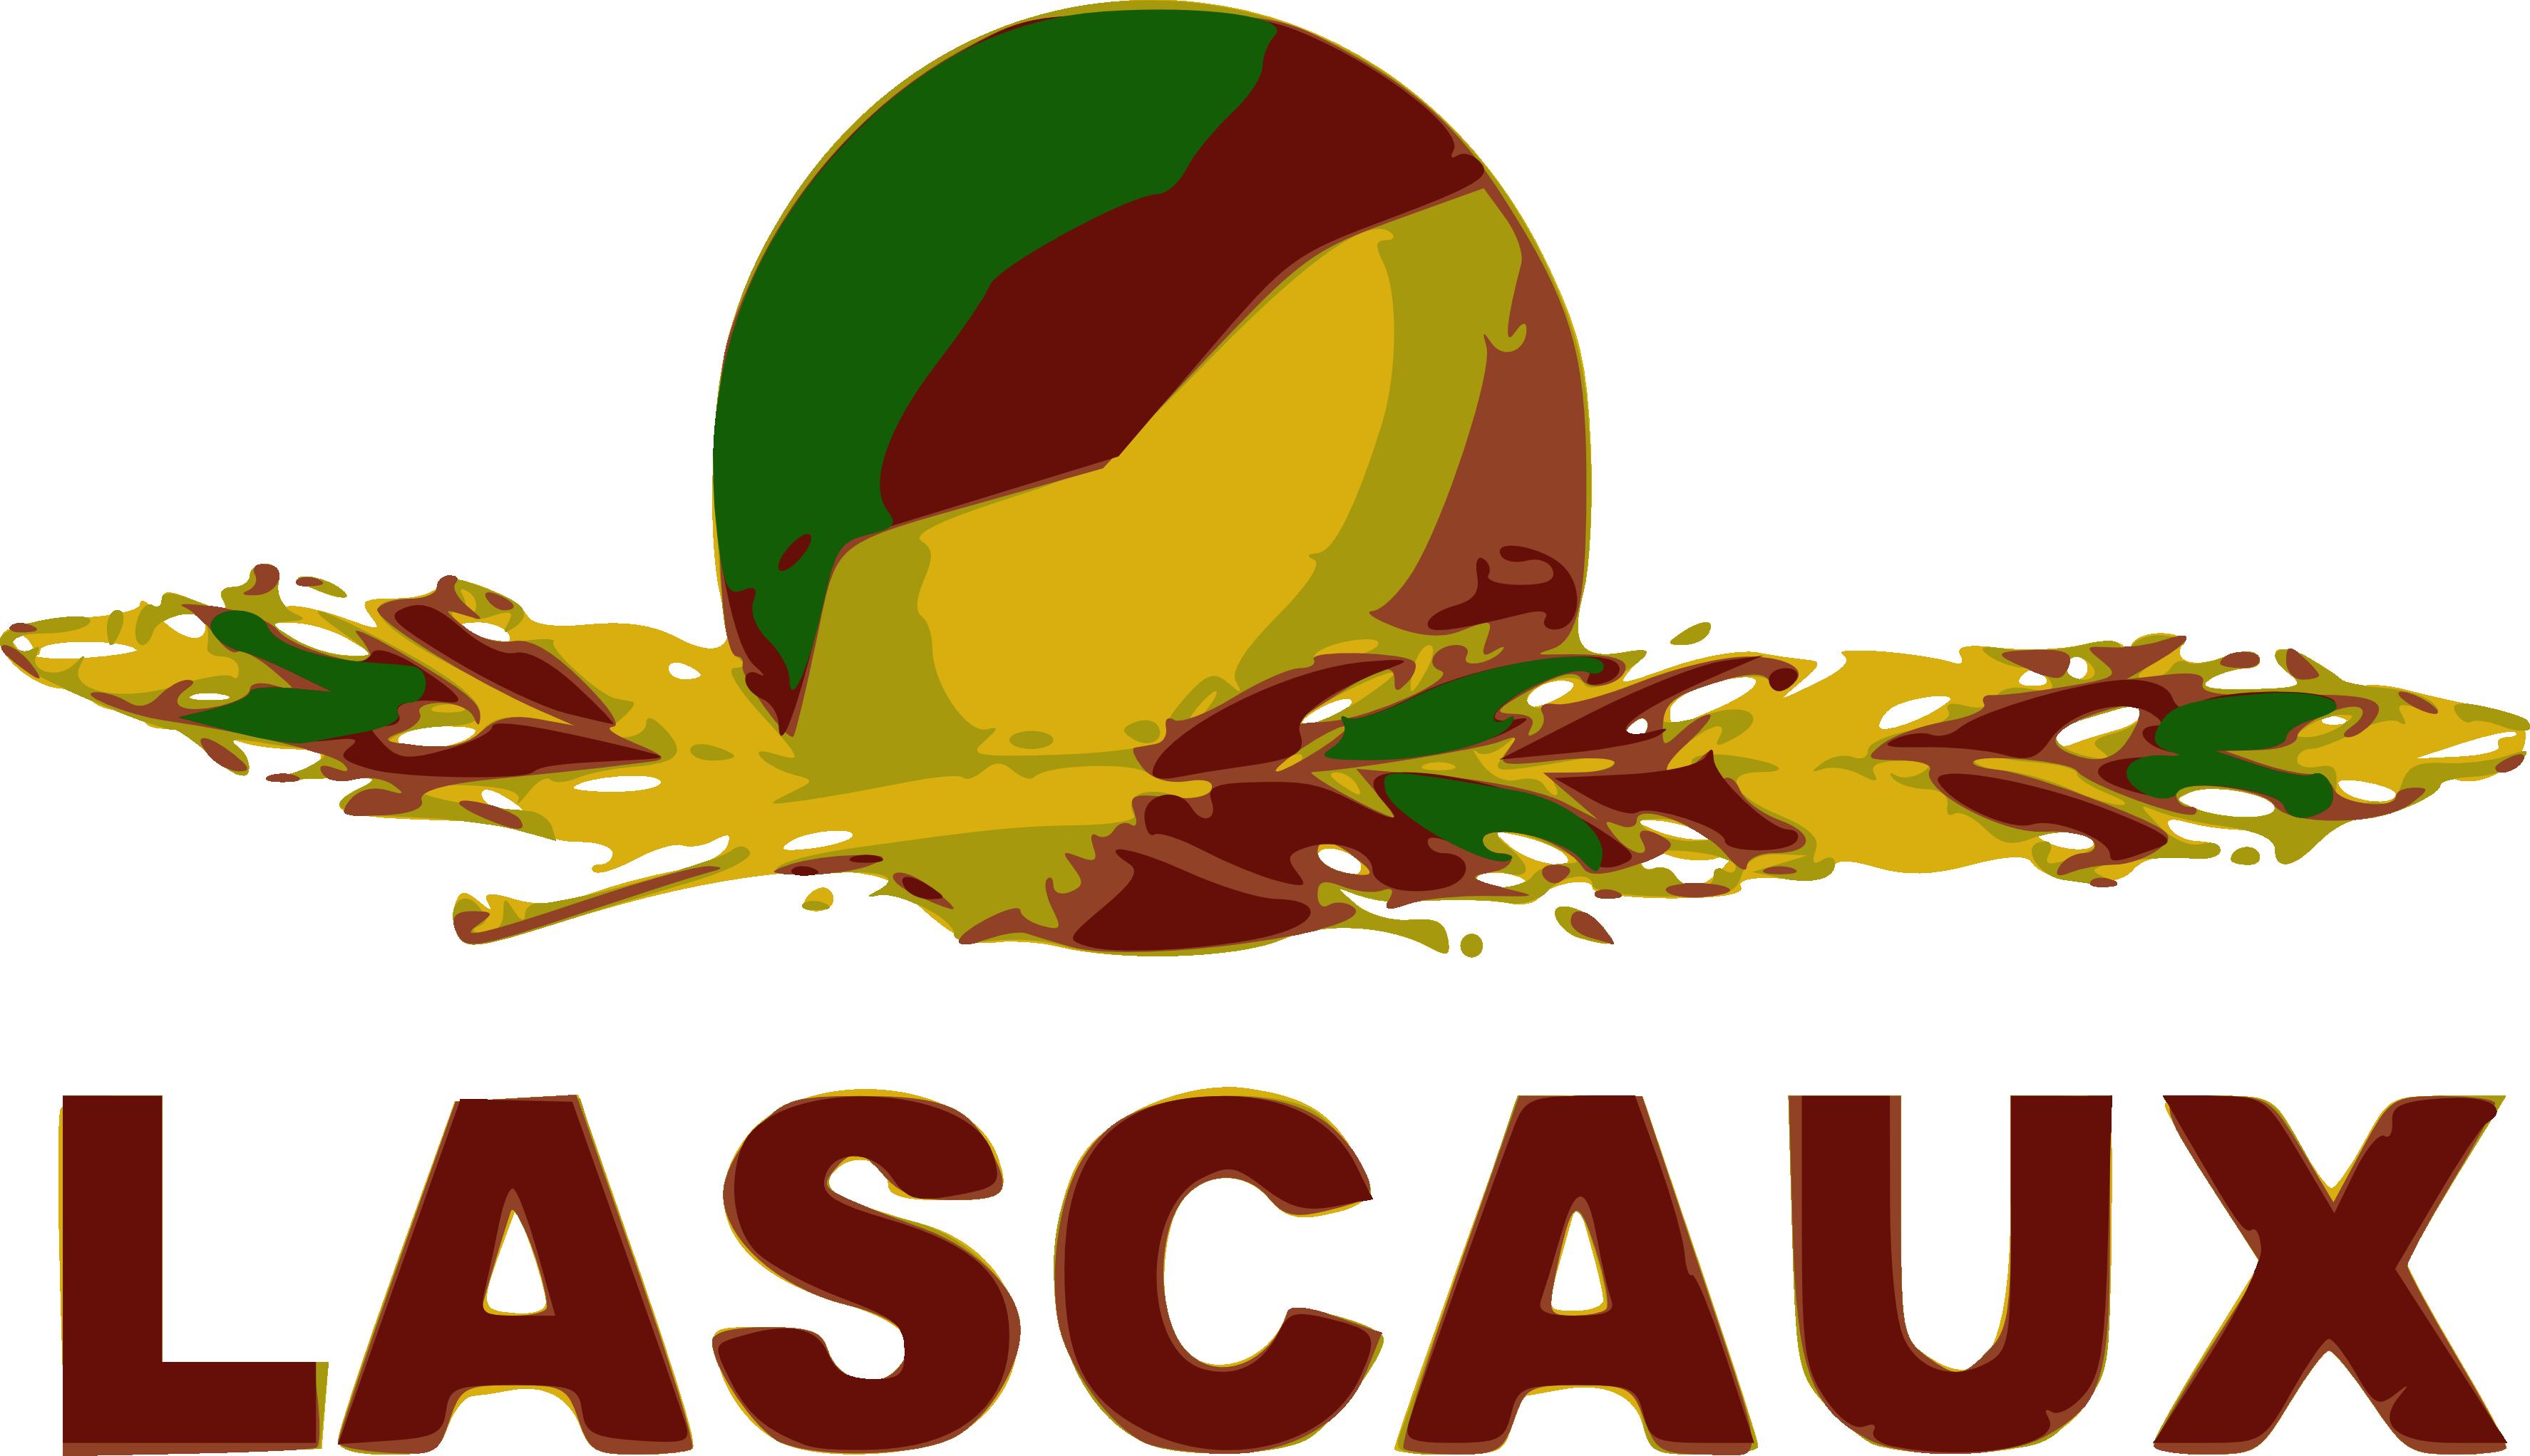 logo Lascaux 1 HD